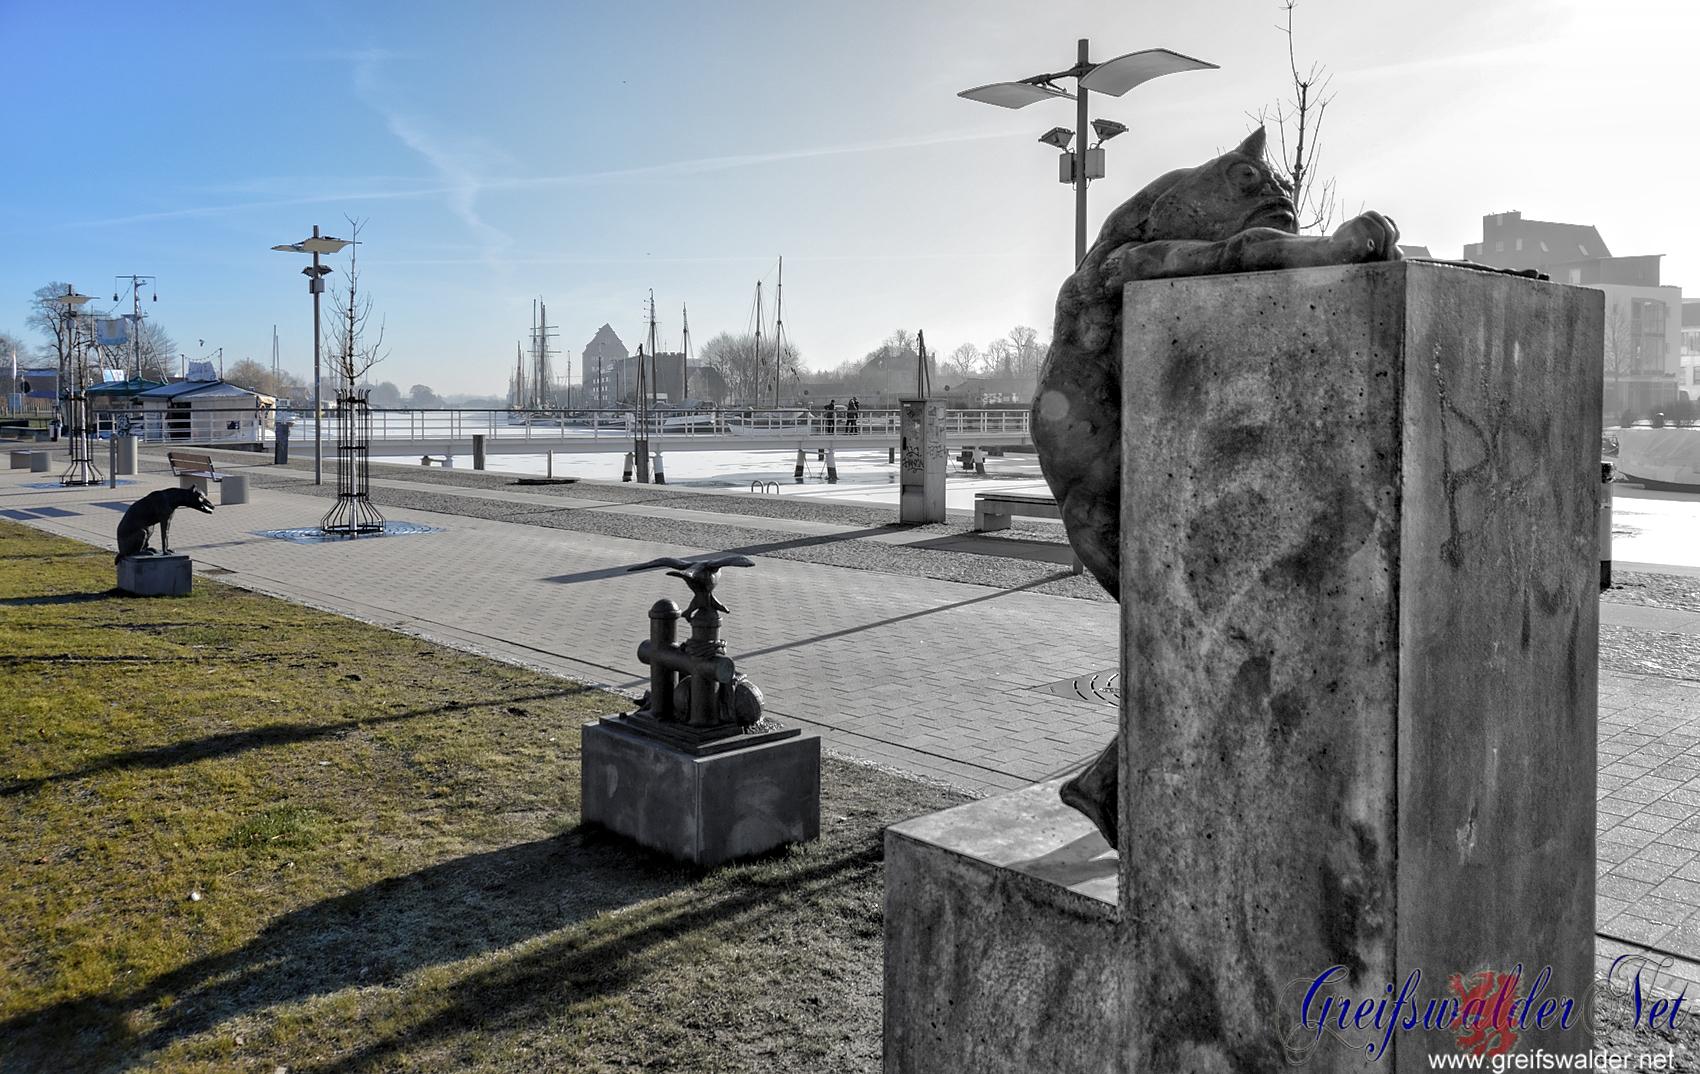 Bronzeplastiken am Museumshafen in Greifswald